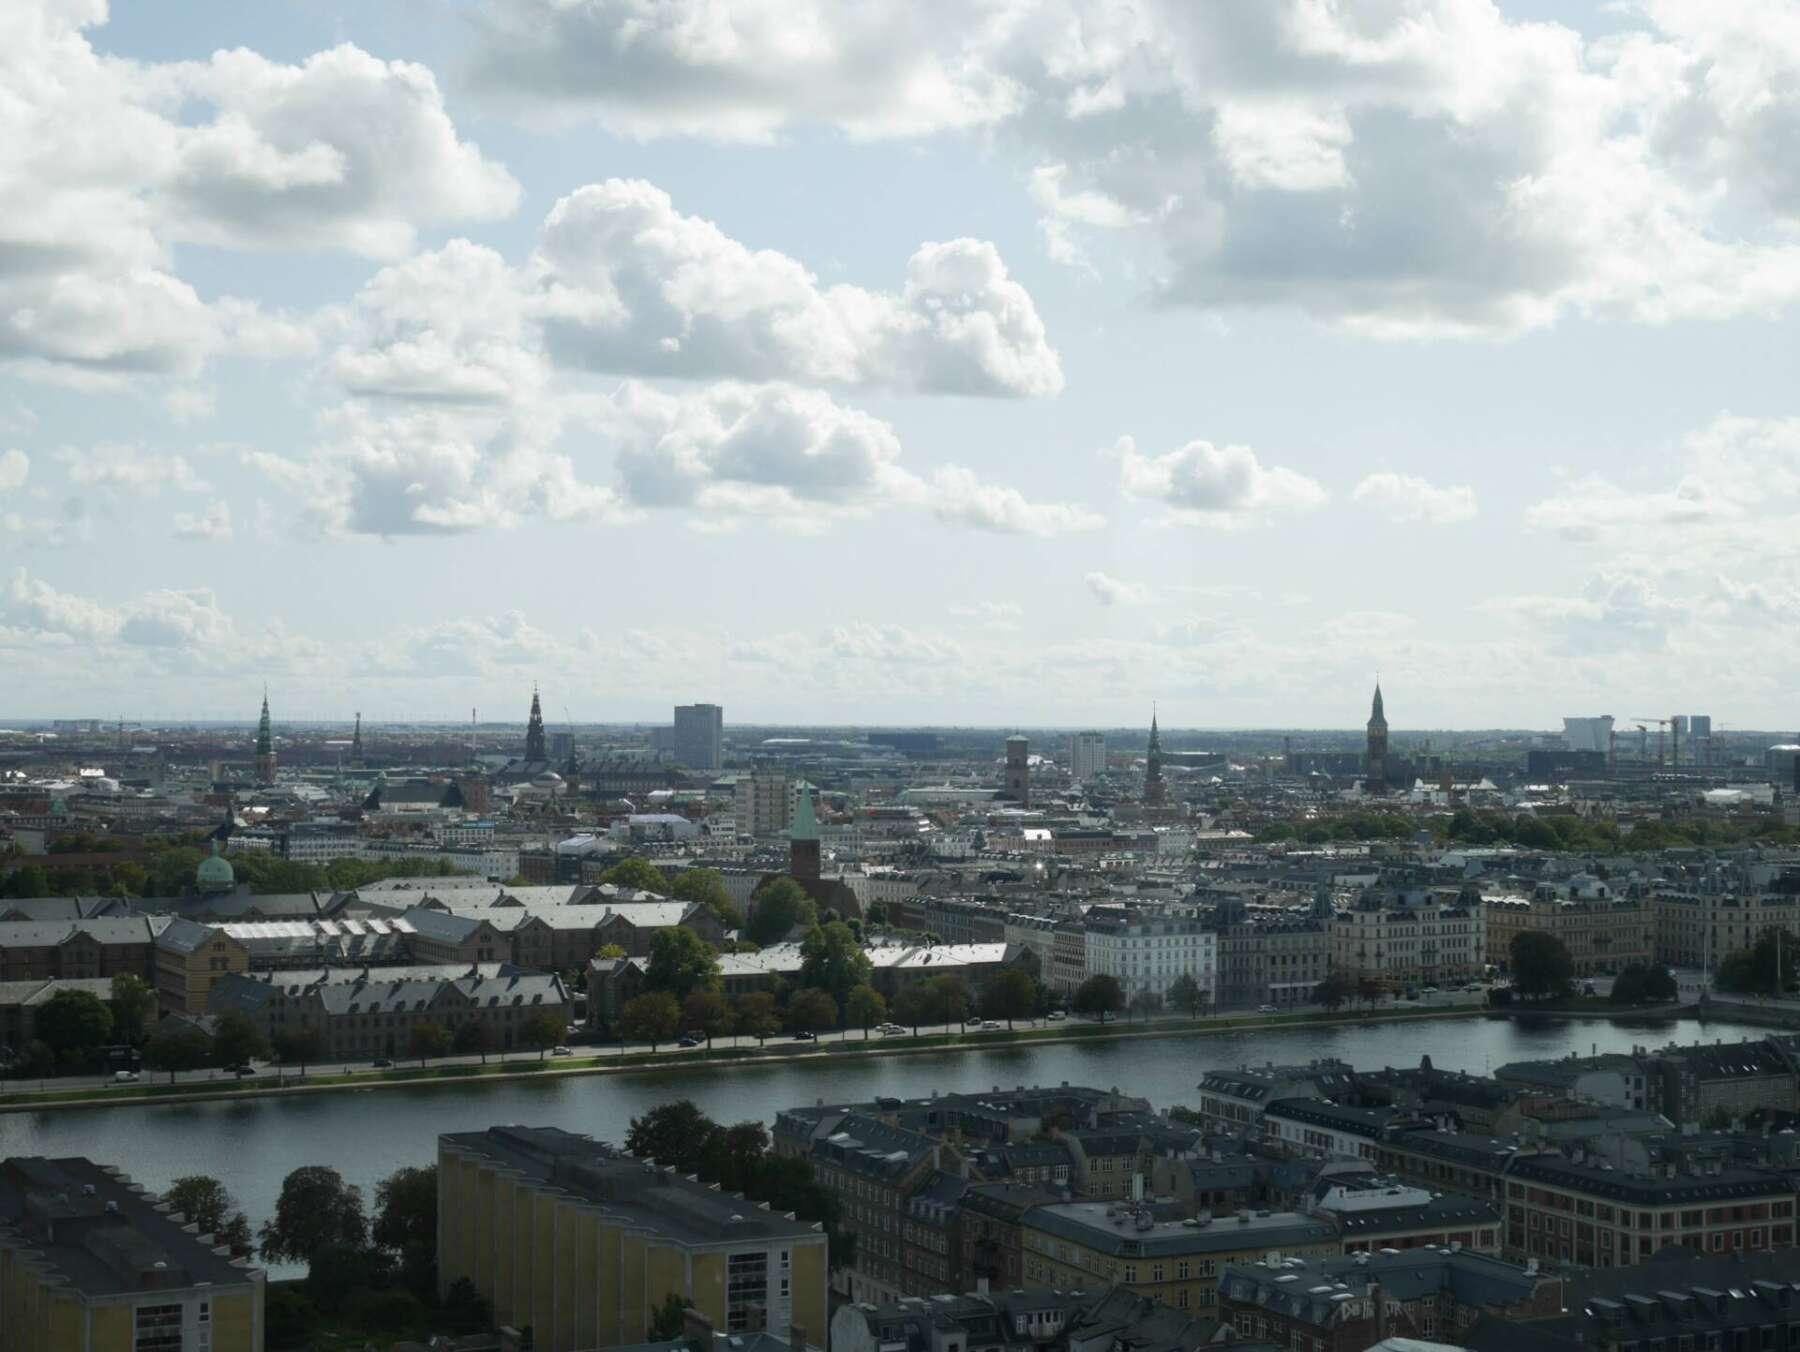 จุดชมวิวฟรีในโคเปนเฮเกน (Copenhagen)